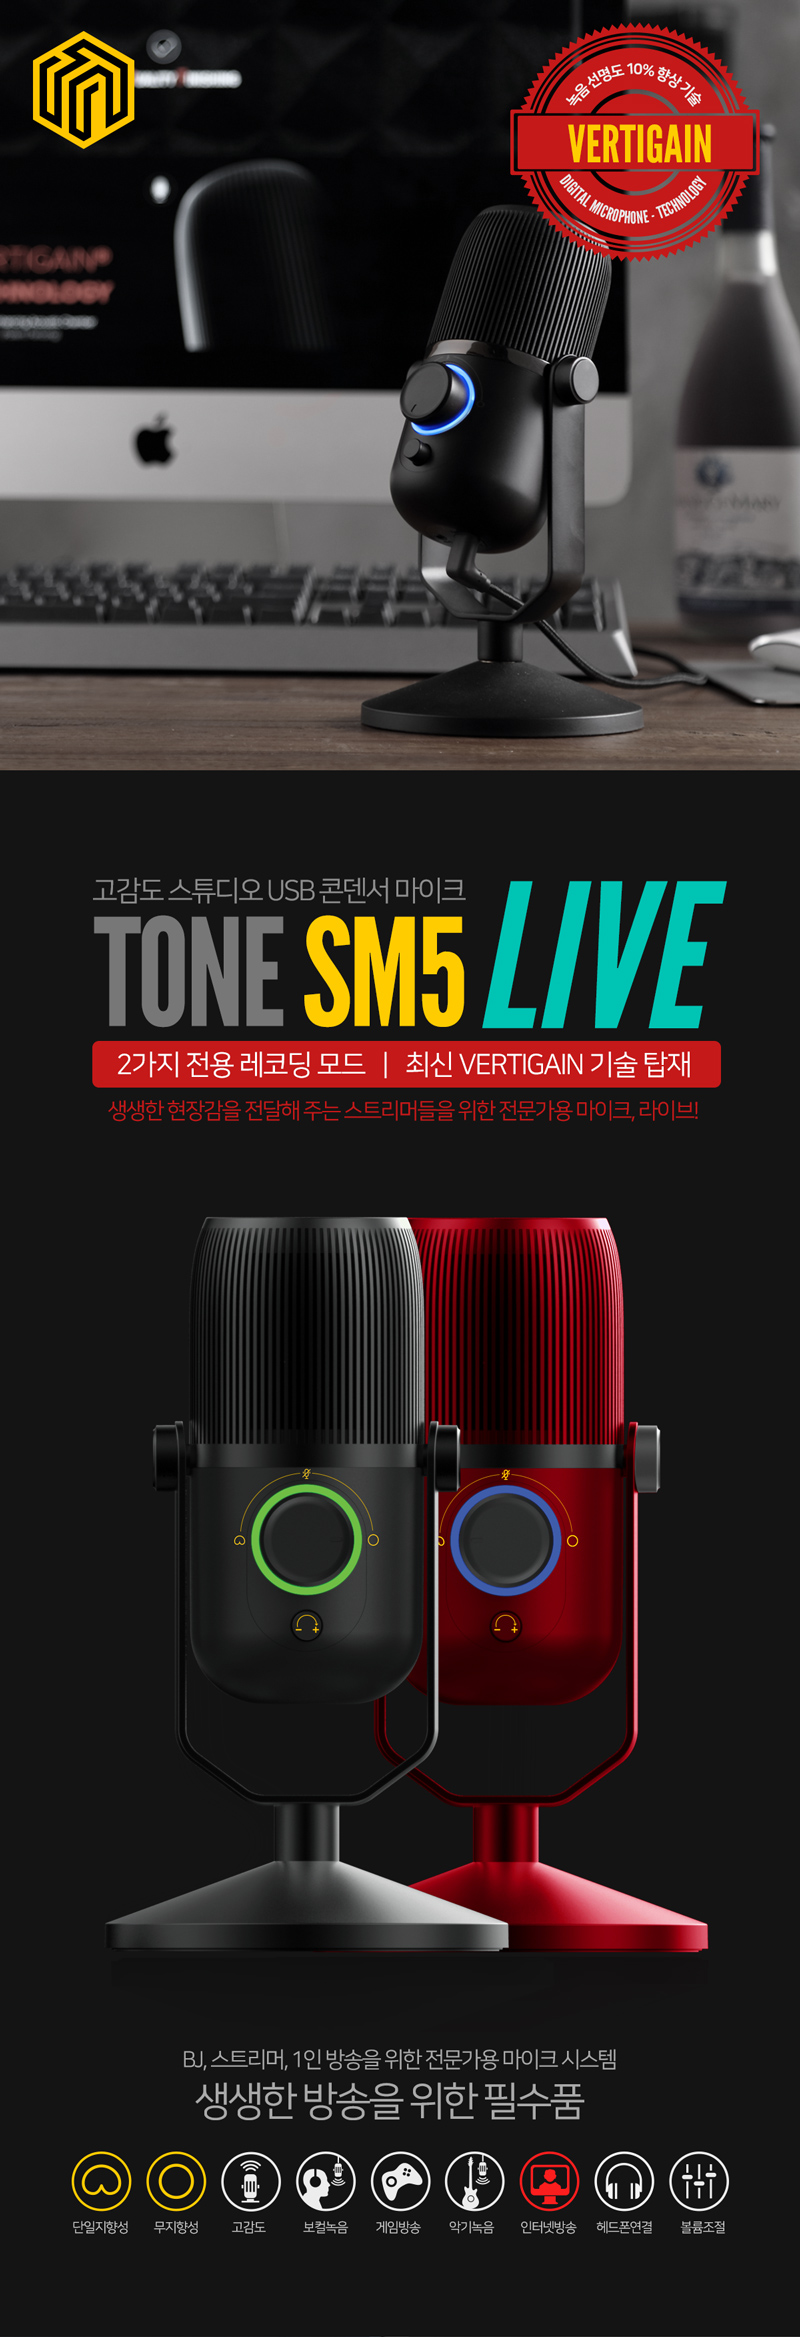 웨이코스 씽크웨이 TONE SM5 LIVE USB 콘덴서 마이크(레드)